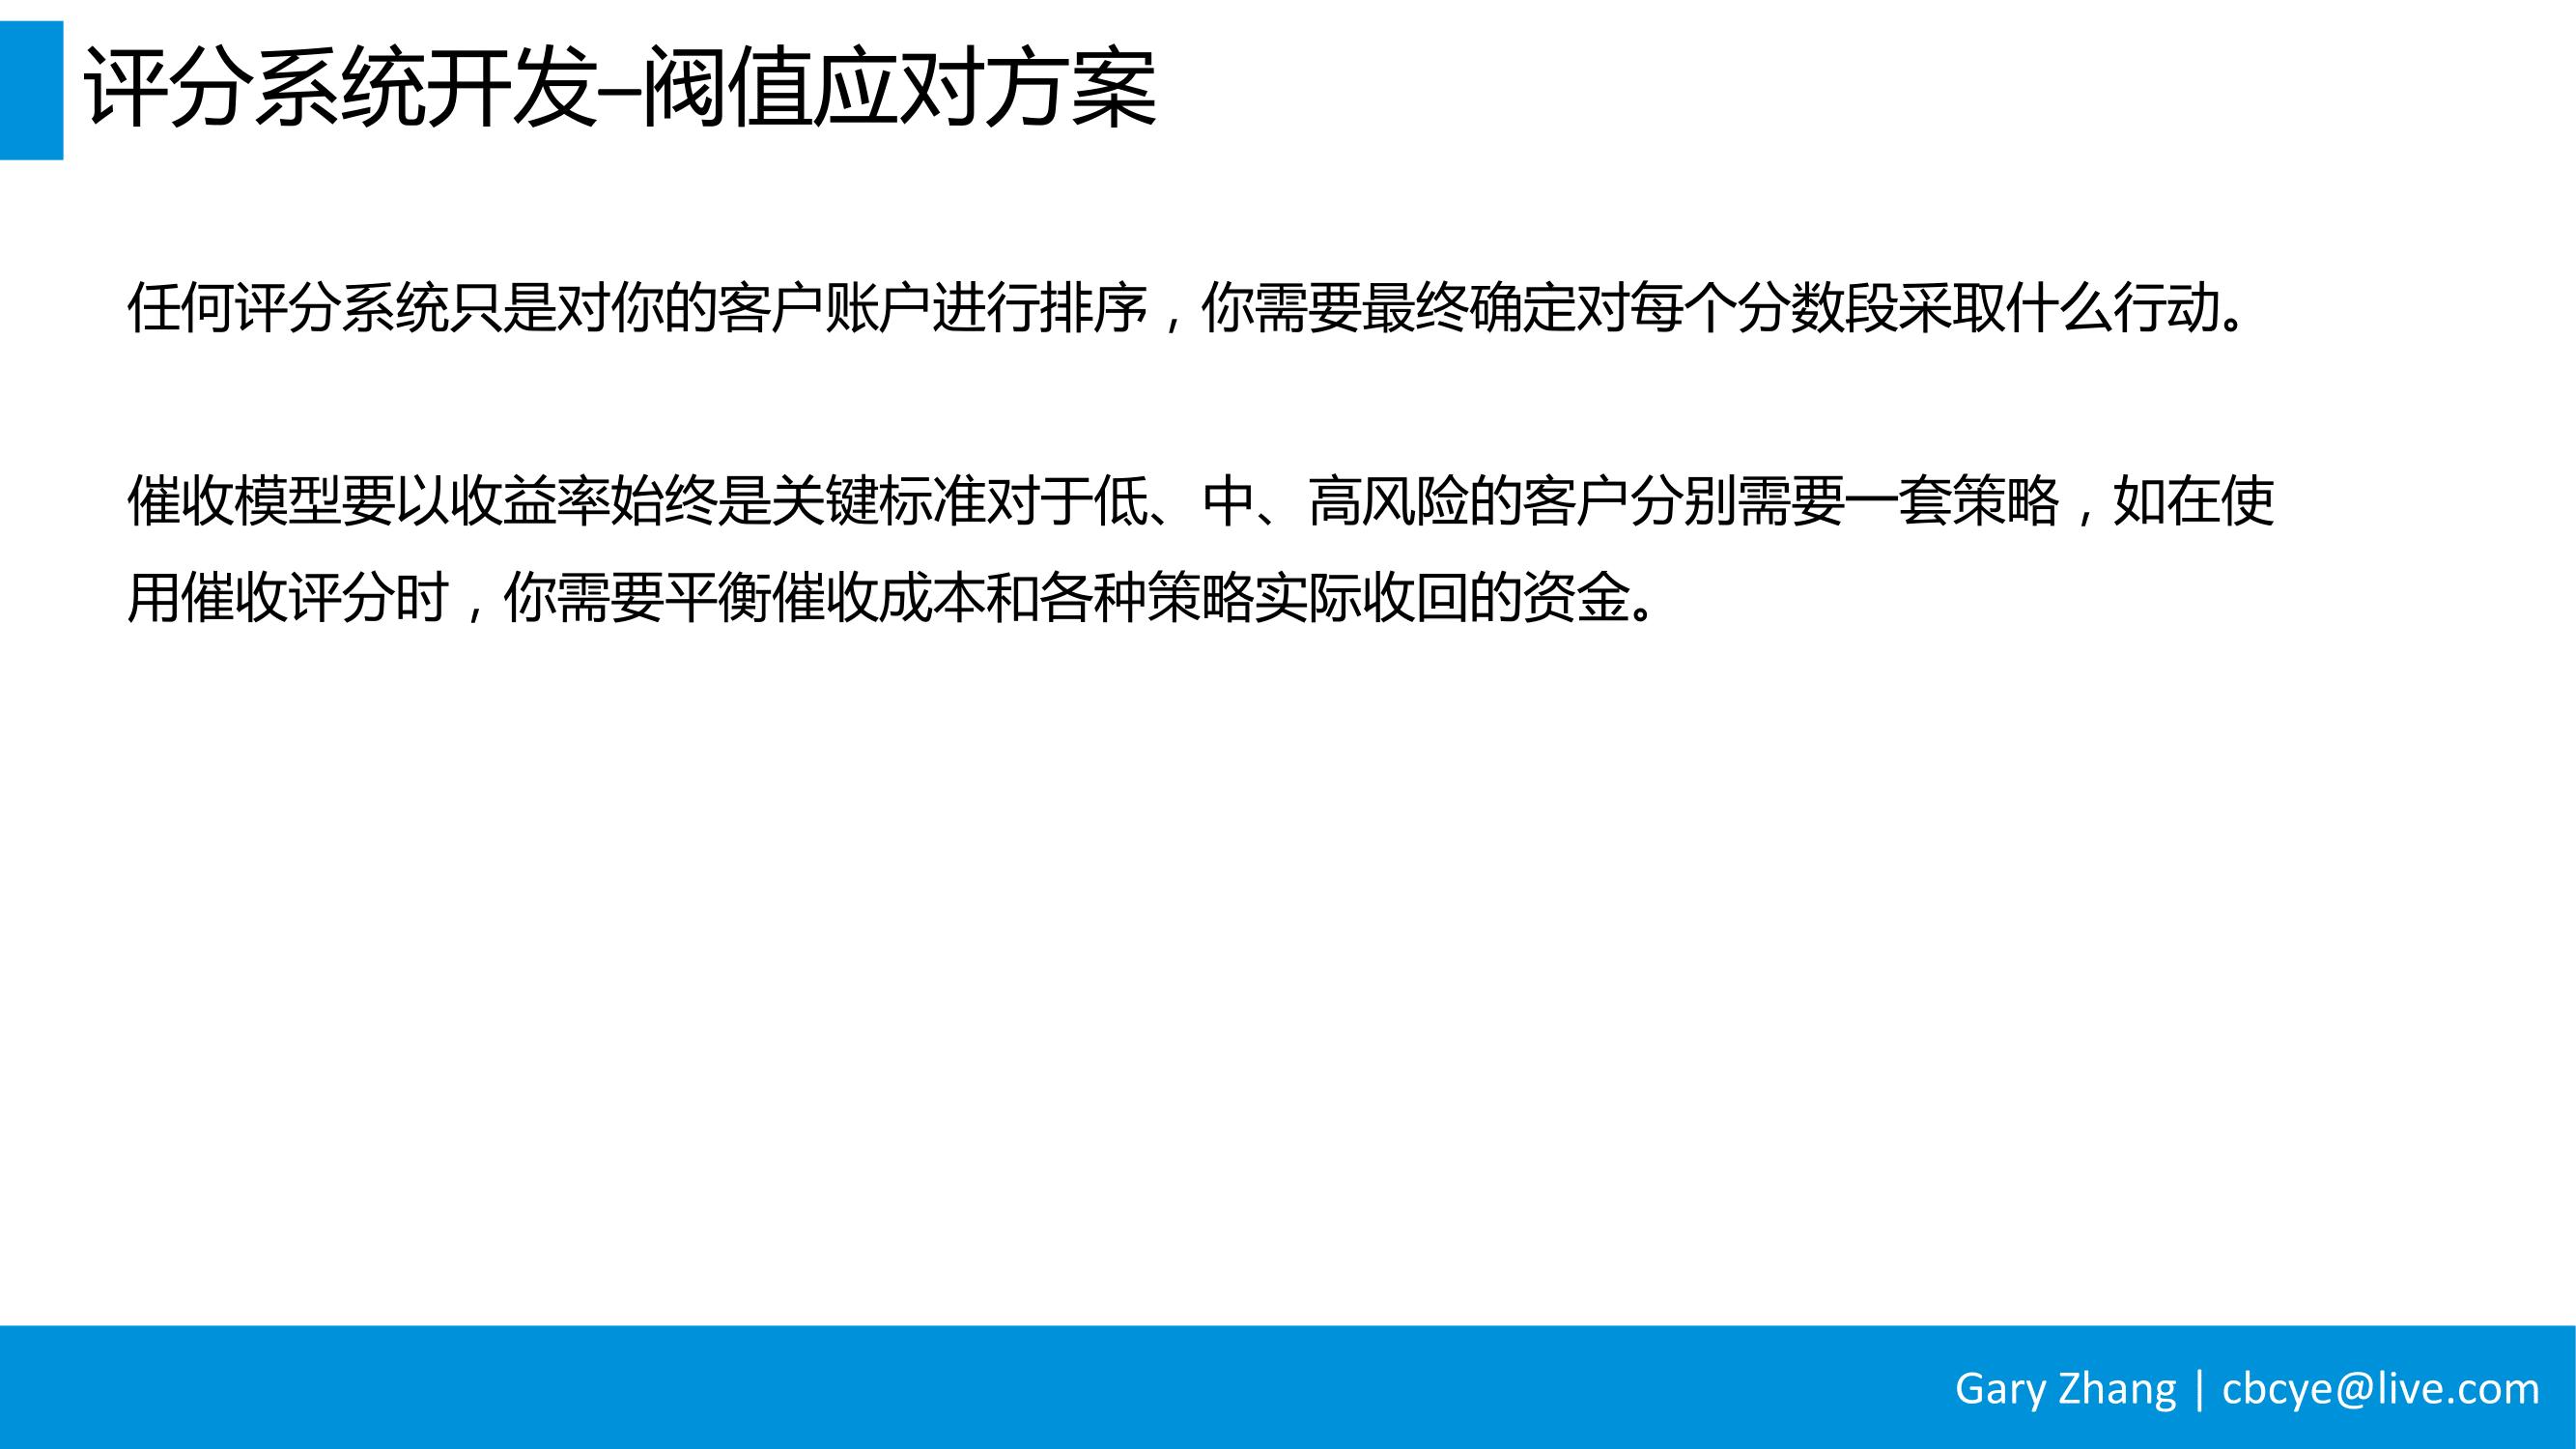 消费金融业务全流程指南_v1.0-032